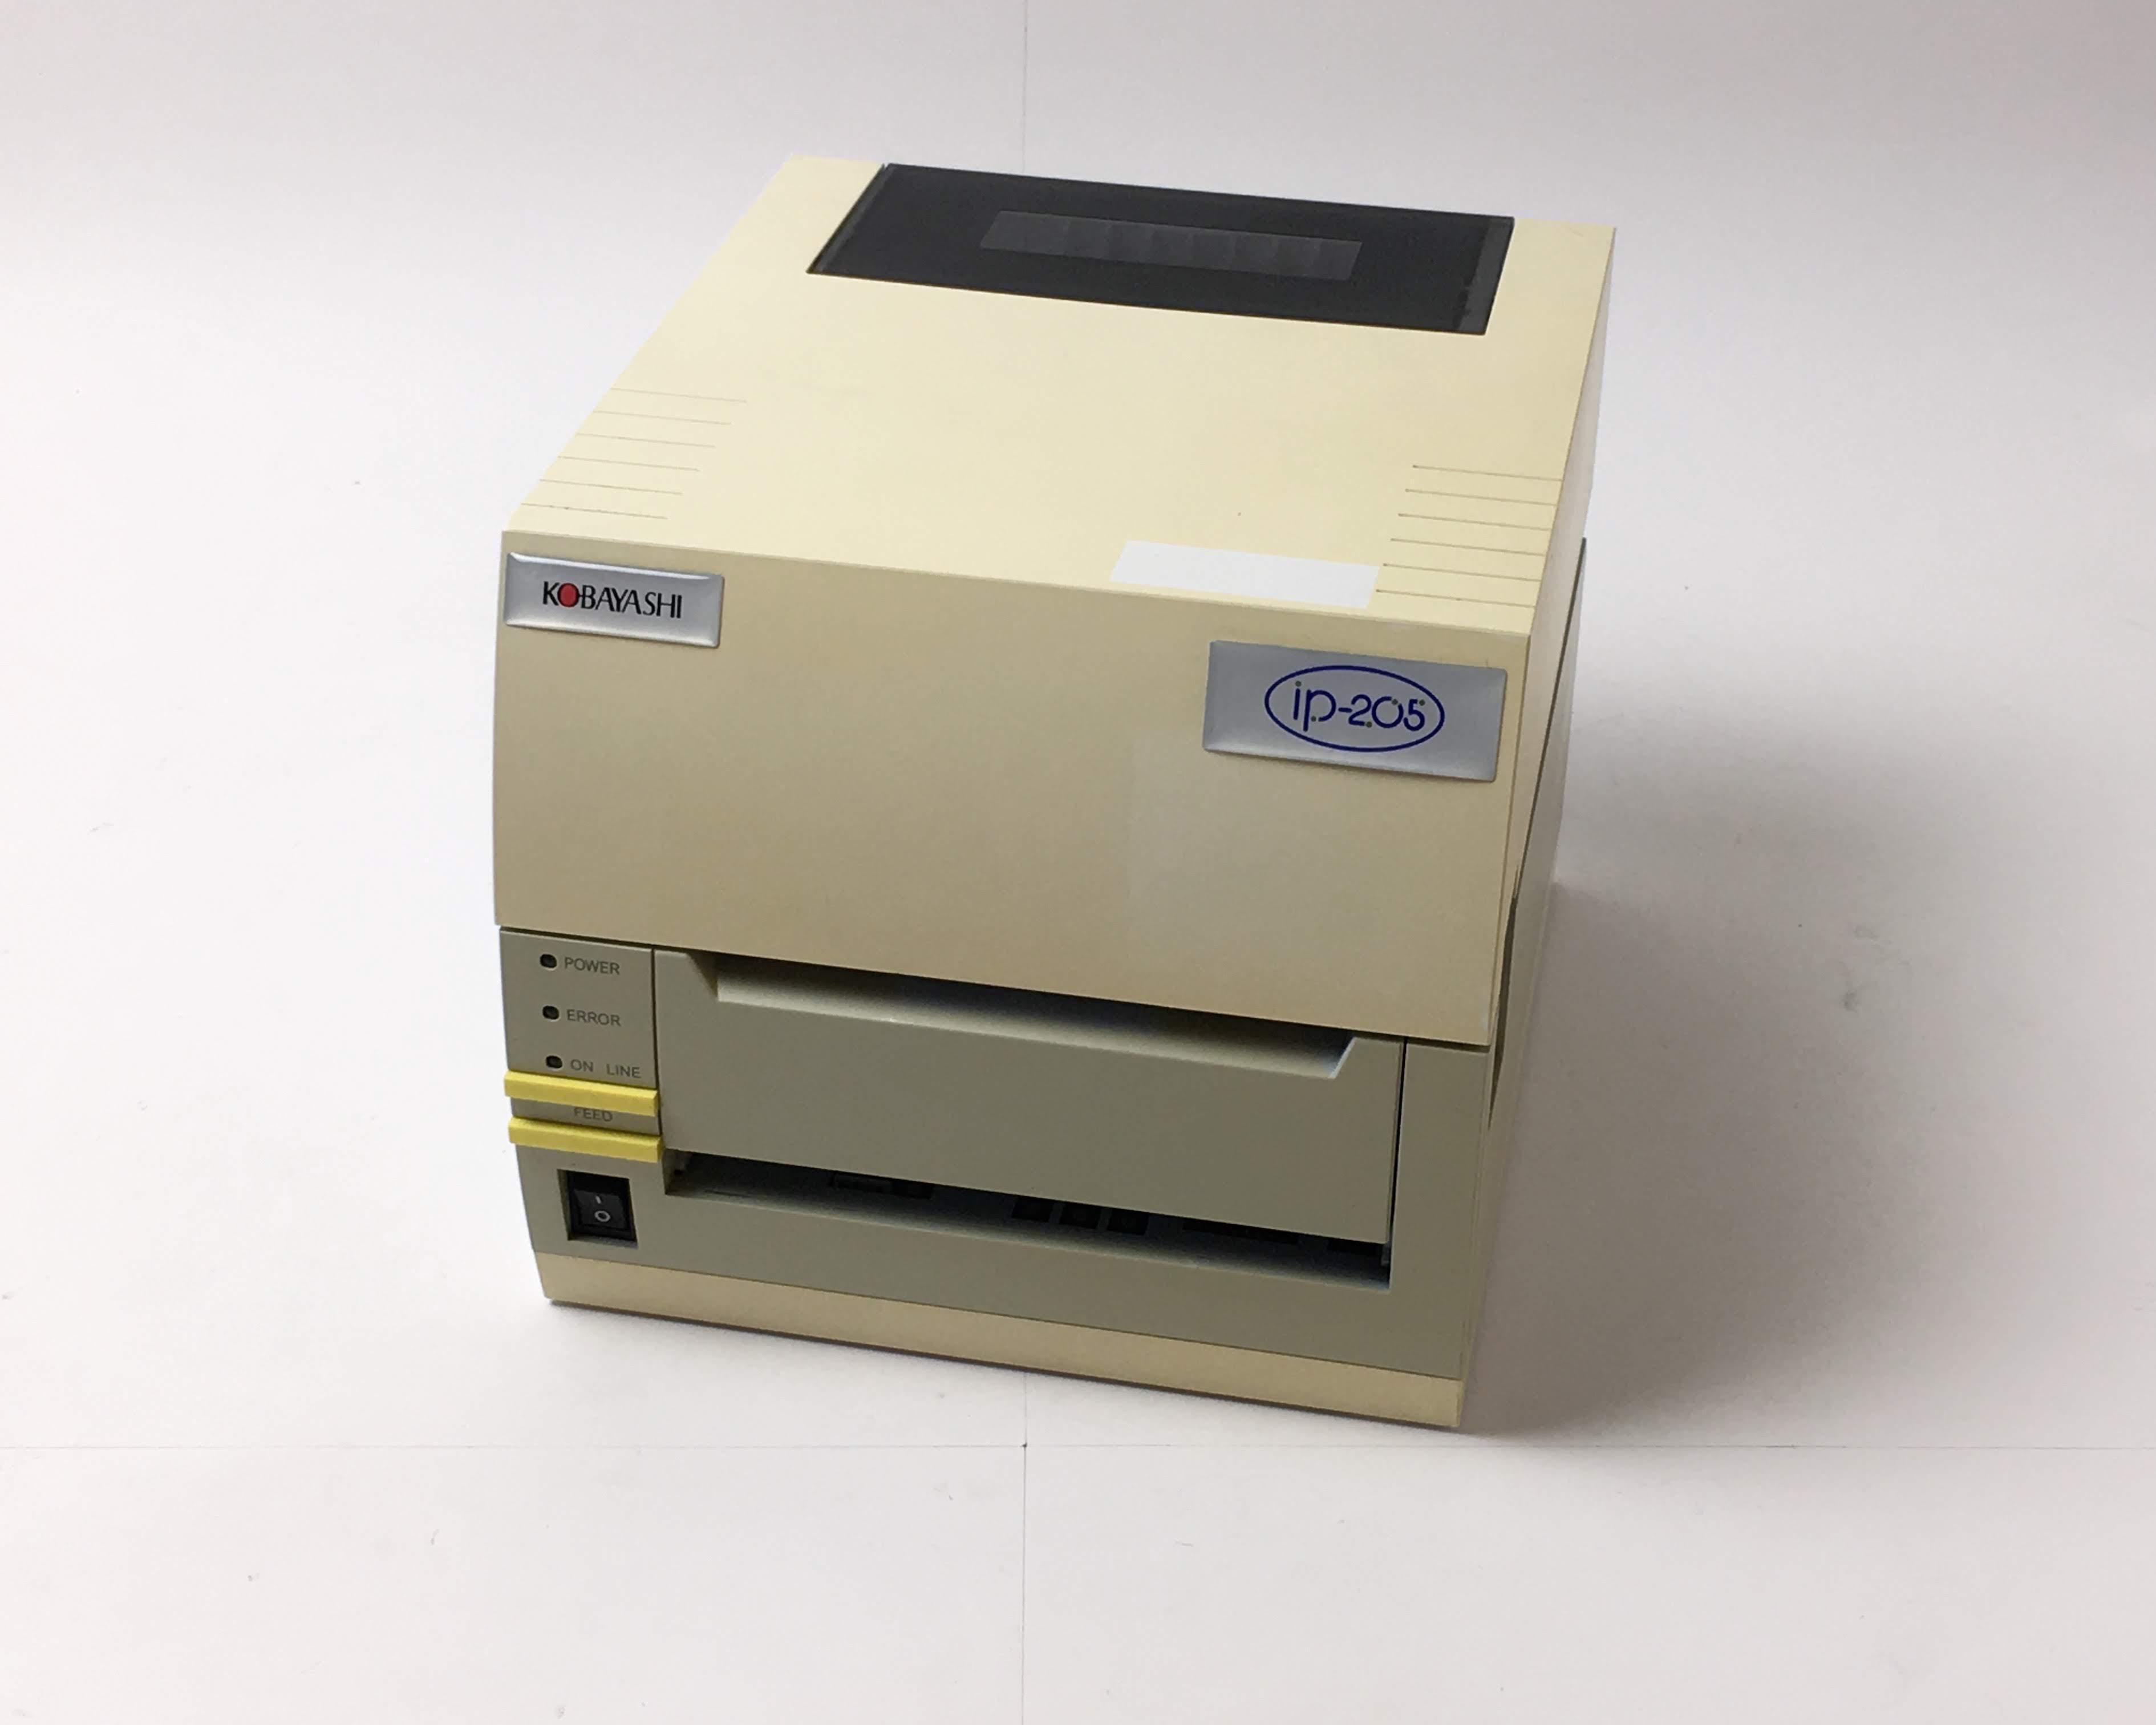 【お買得中古】KOBAYASHI IP-205 (USB/LAN) メイン画像